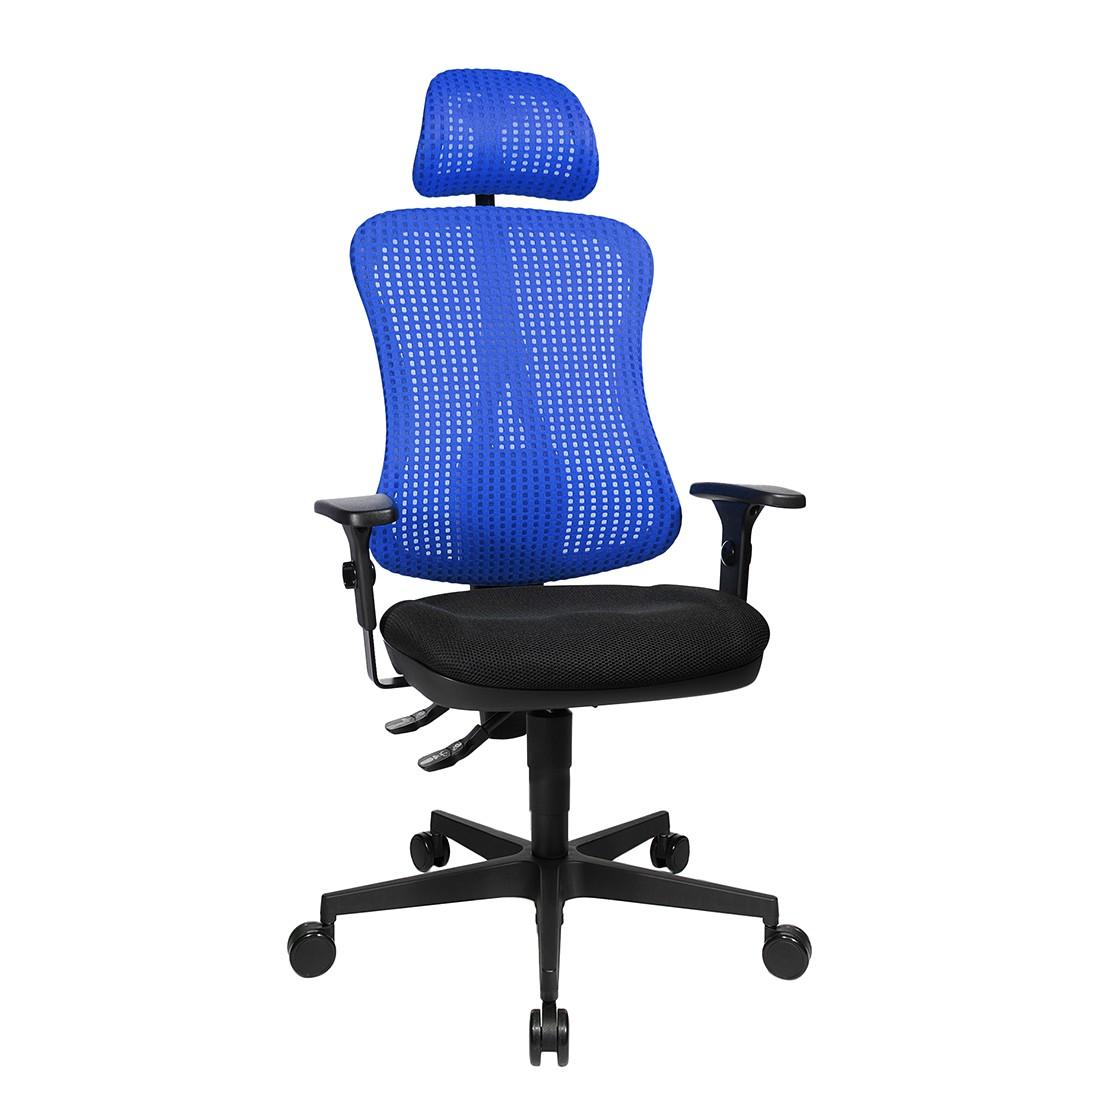 Bürodrehstuhl Head Point – Höhenverstellbare Armlehnen – Mit Kopfstütze – Blau / Schwarz, Topstar günstig online kaufen